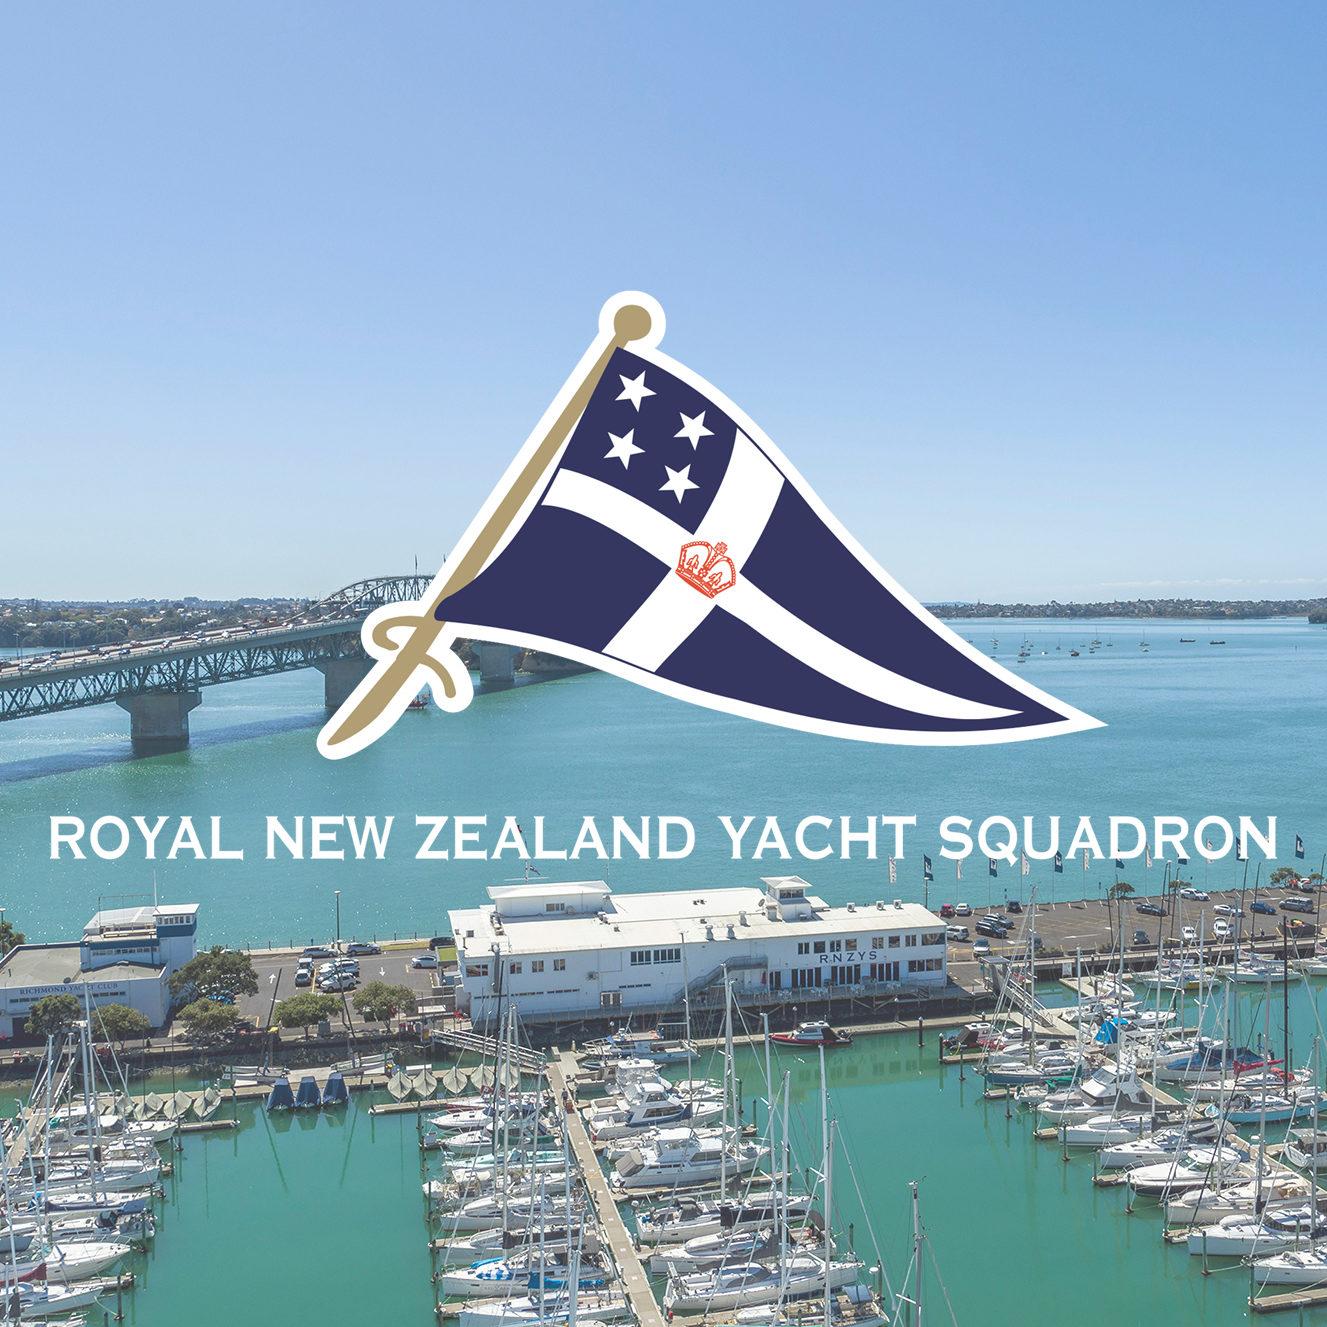 Royal New Zealand Yacht Squadron Logo on Westhaven Marina